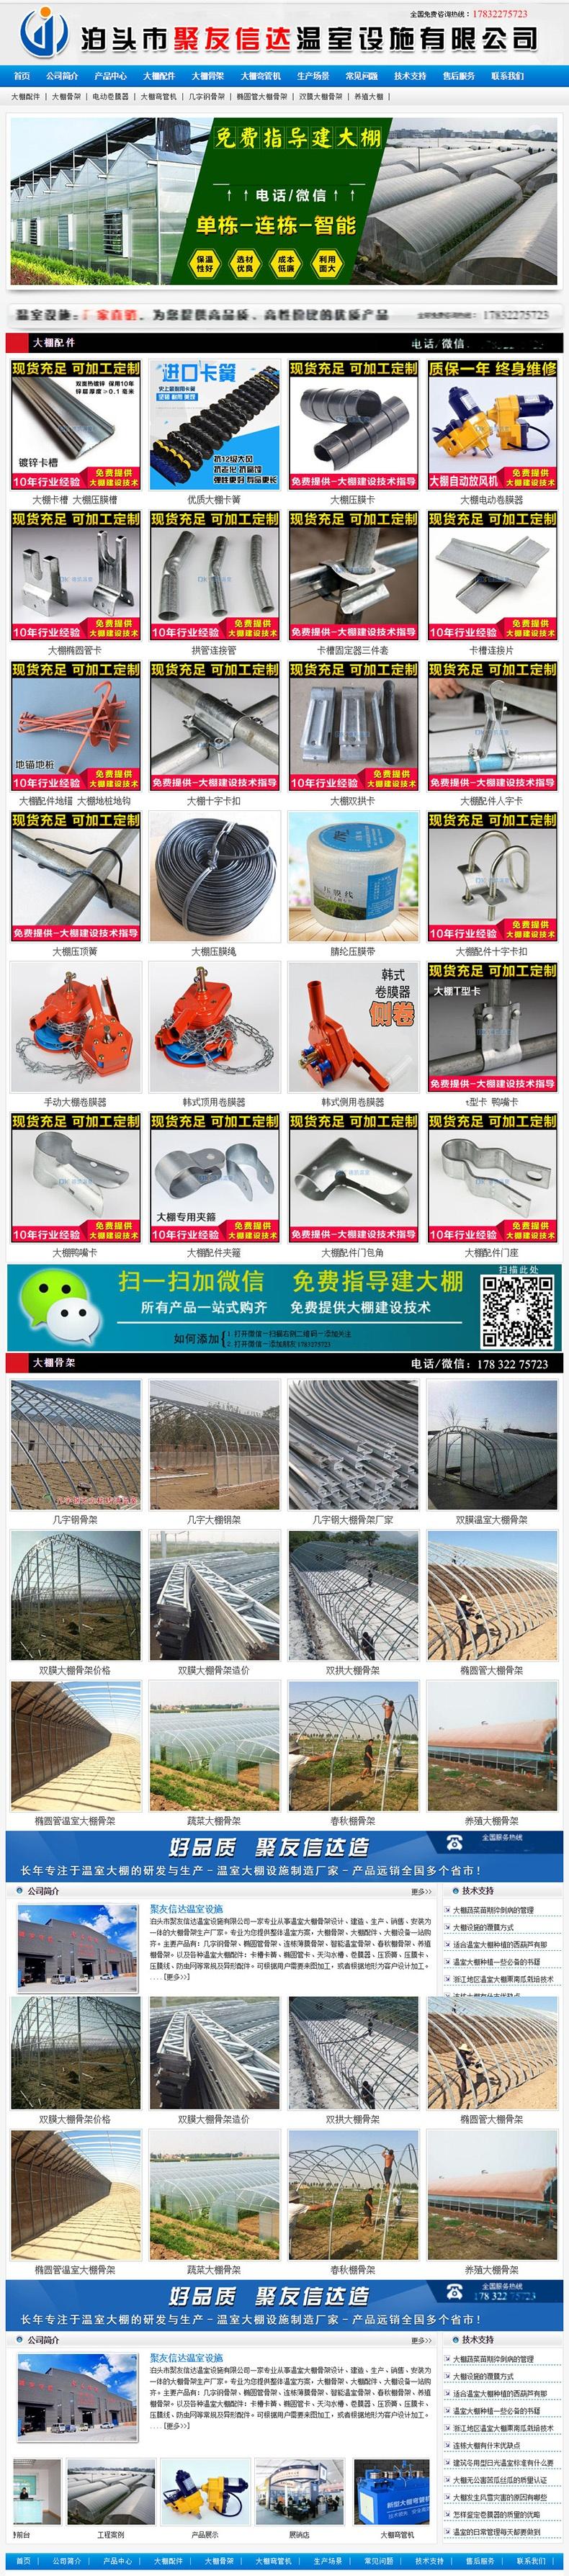 日光温室厂家 日光温室造价 日光温室大棚115001072